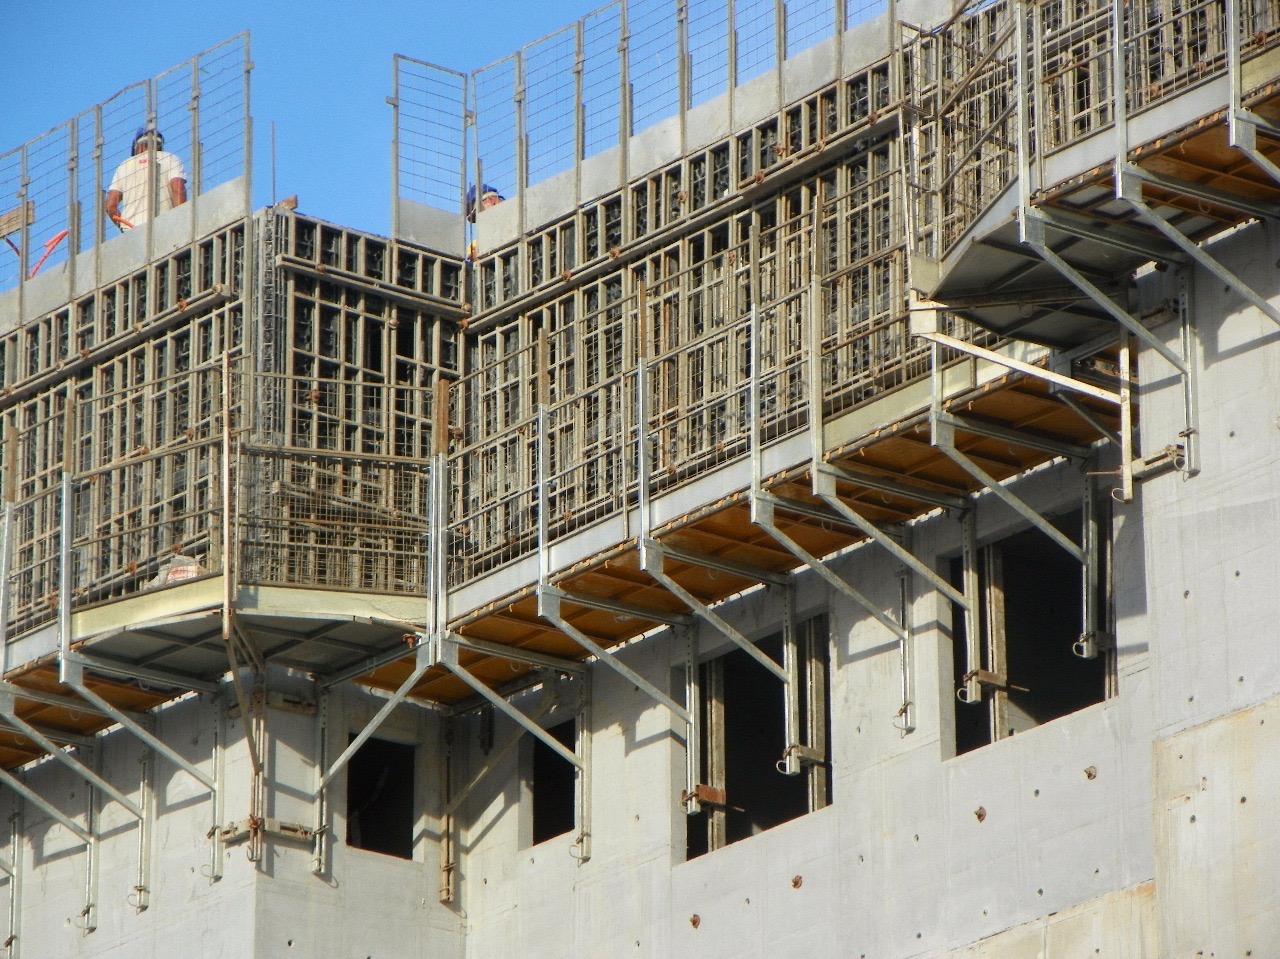 Sistemas construtivos: TUDO o que você precisa saber sobre paredes de concreto moldadas in loco